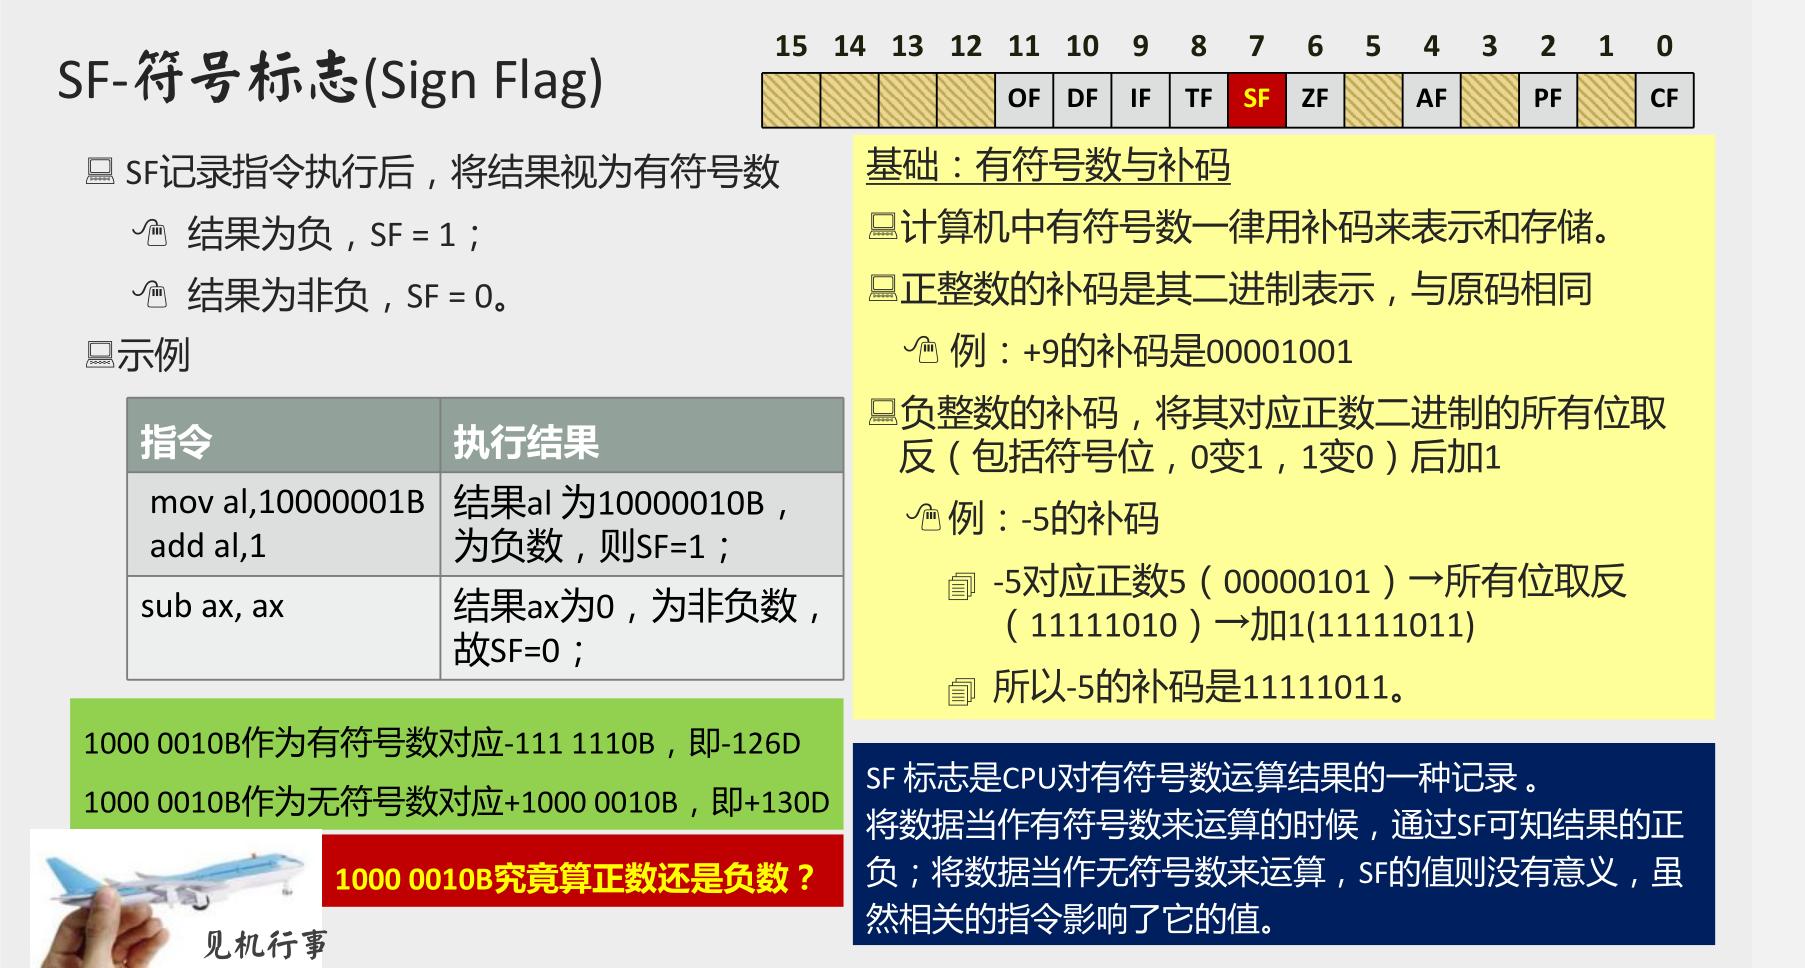 image-20210101225851796